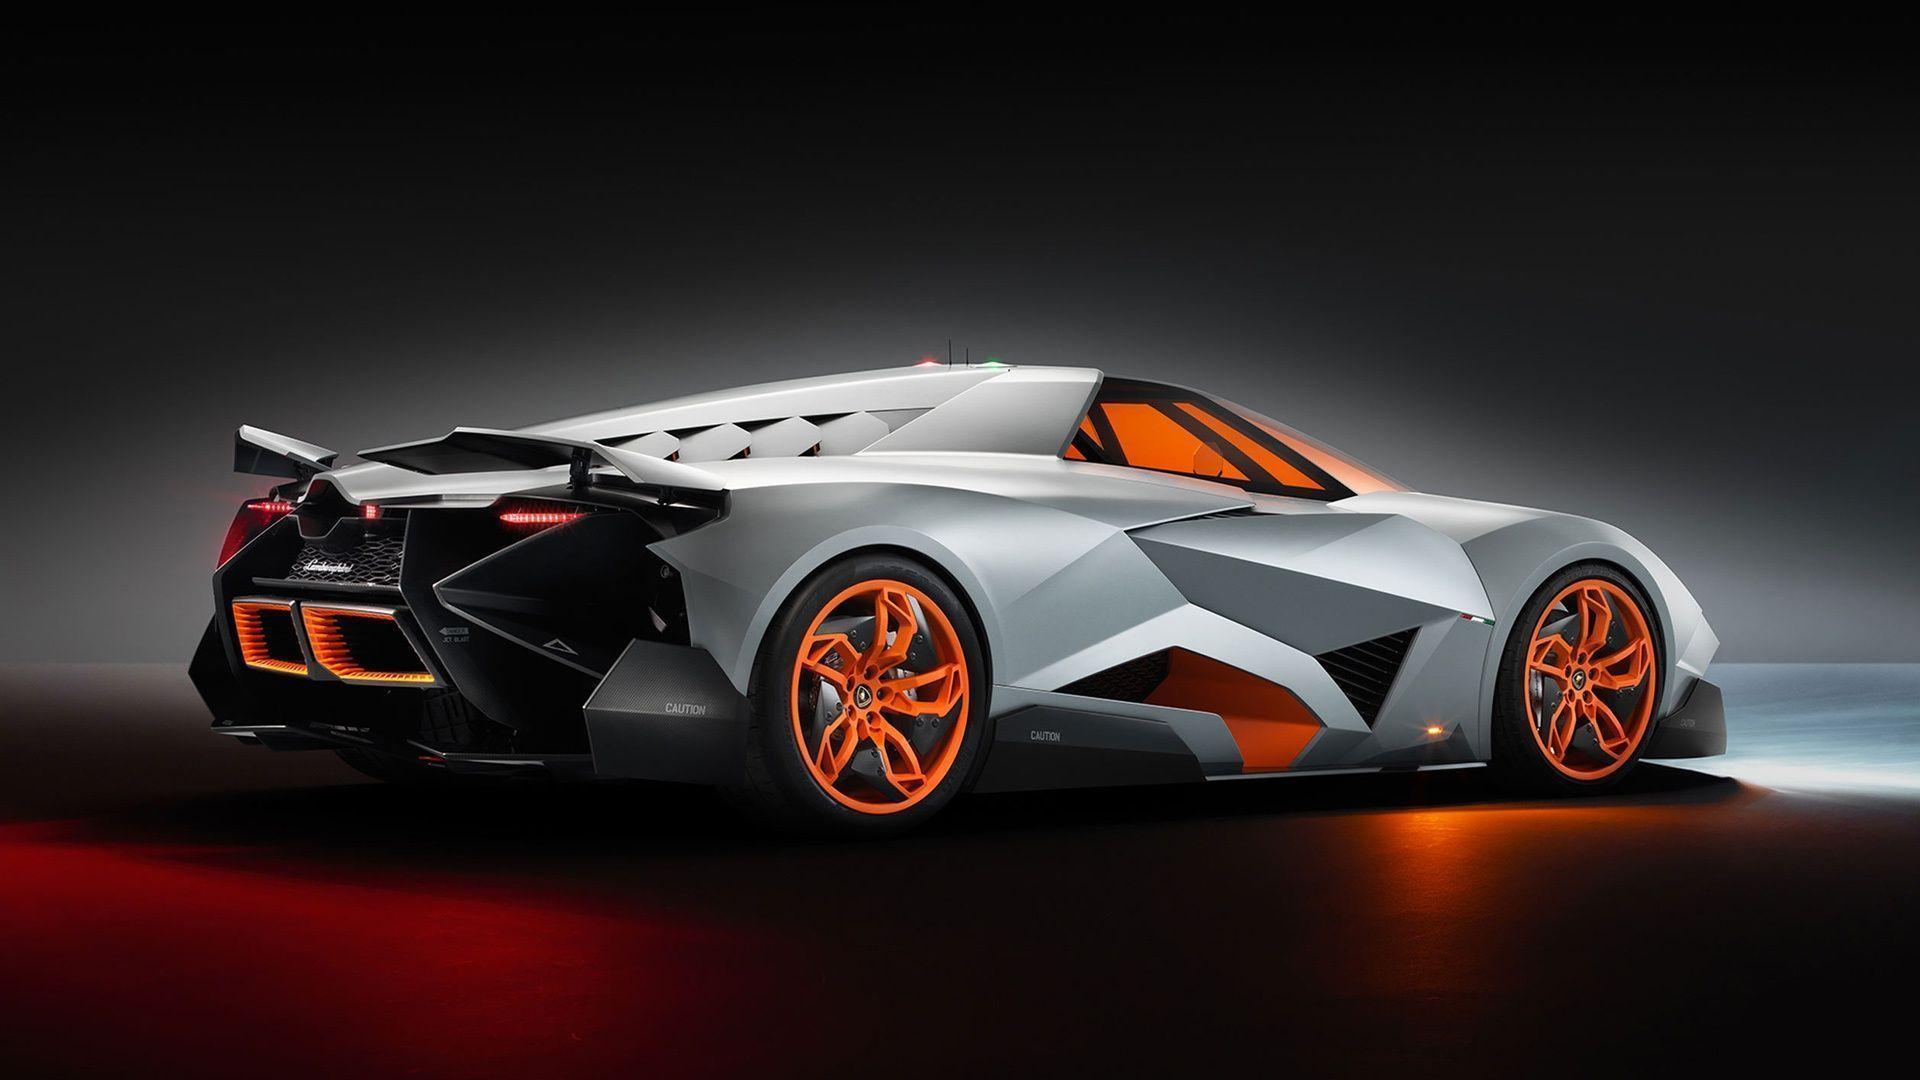 Lamborghini Aventador LP Wallpapers HD Wallpapers